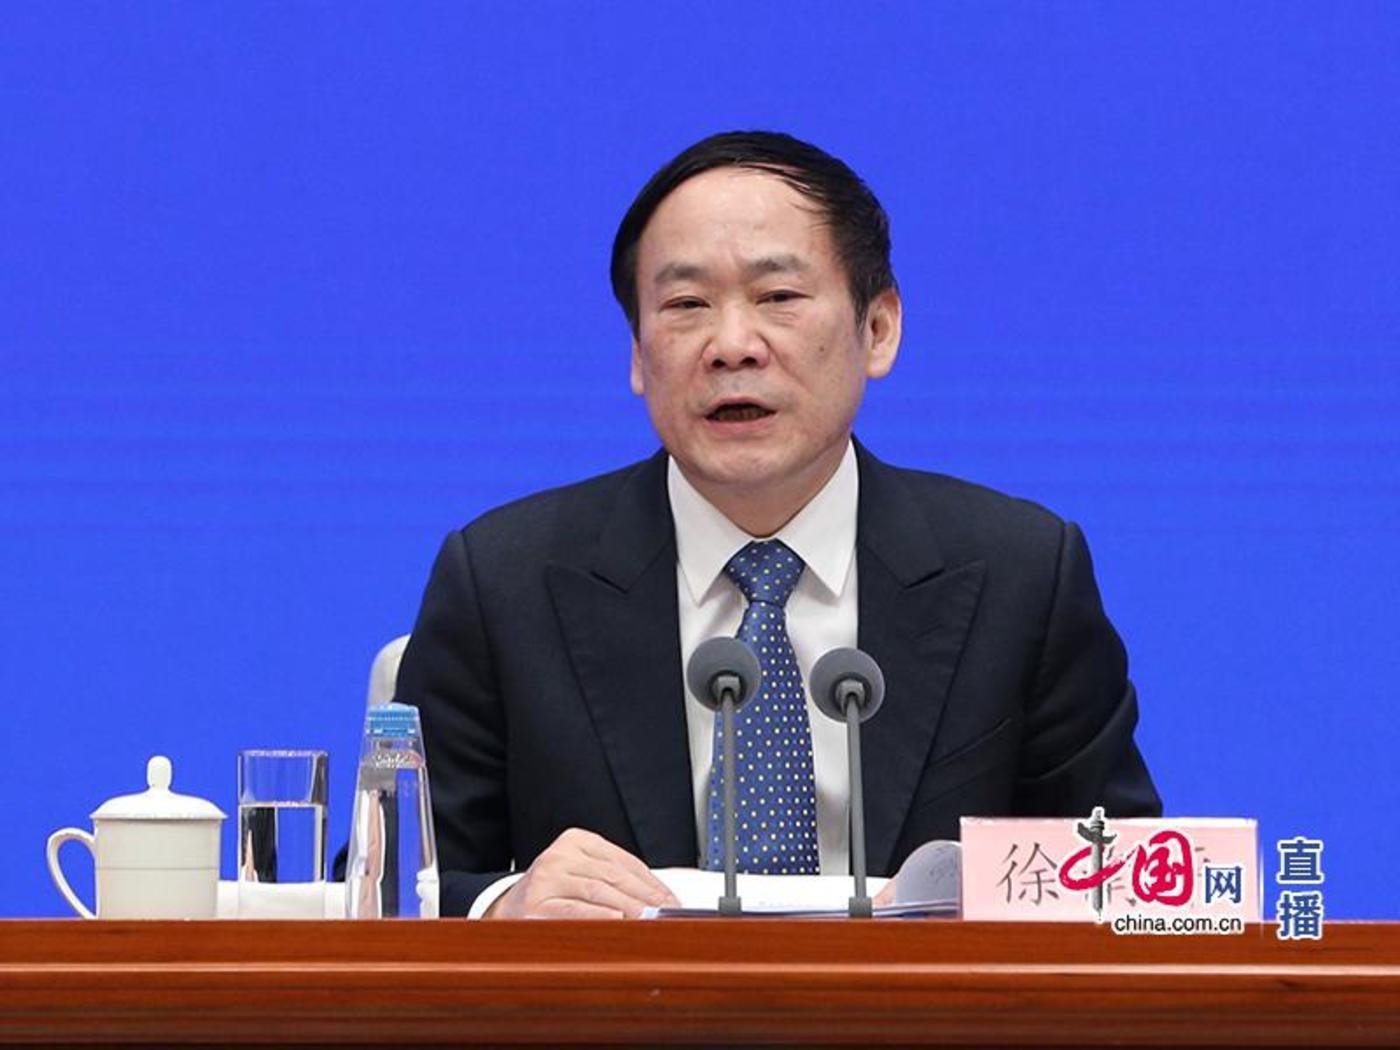 科技部副部长徐南平:新冠疫苗最快将于4月下旬申报临床试验 | 直击肺炎疫情